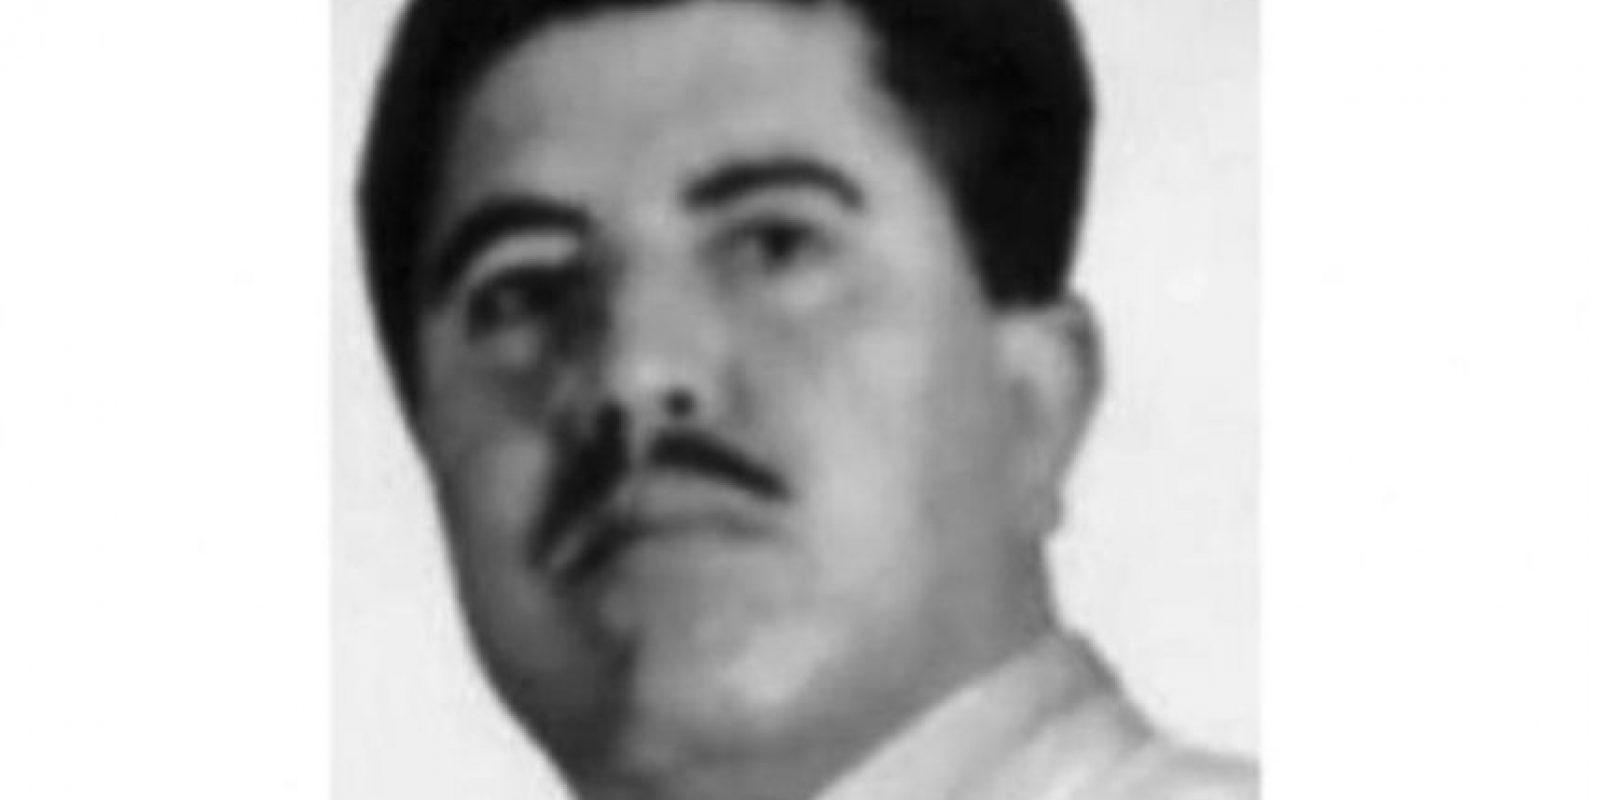 Vicente Carrillo Fuentes. El narcotraficante mexicano continúa apareciendo en la lista de los más buscados por la agencia estadounidense Foto:Dea.gov/fugitives/intl/intl_div_list.shtml